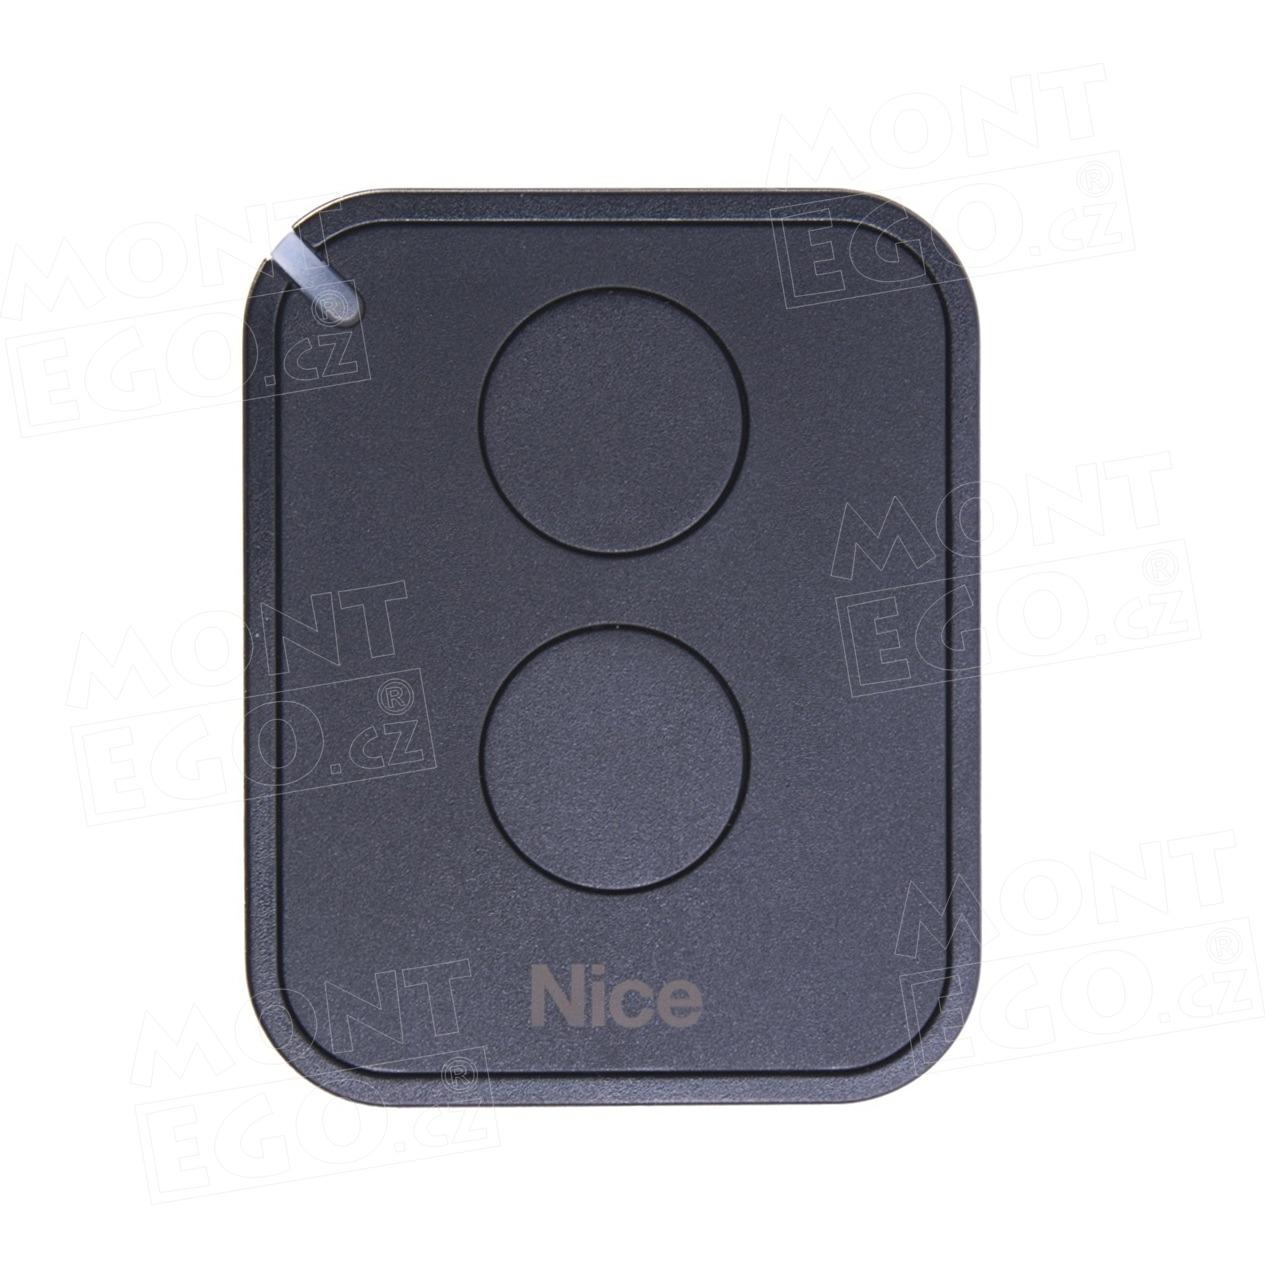 FLO2RE dálkový ovladač na vrata a brány Nice ERA Flo2R-E, náhrada za Nice FLOR-S - Flo2r-s